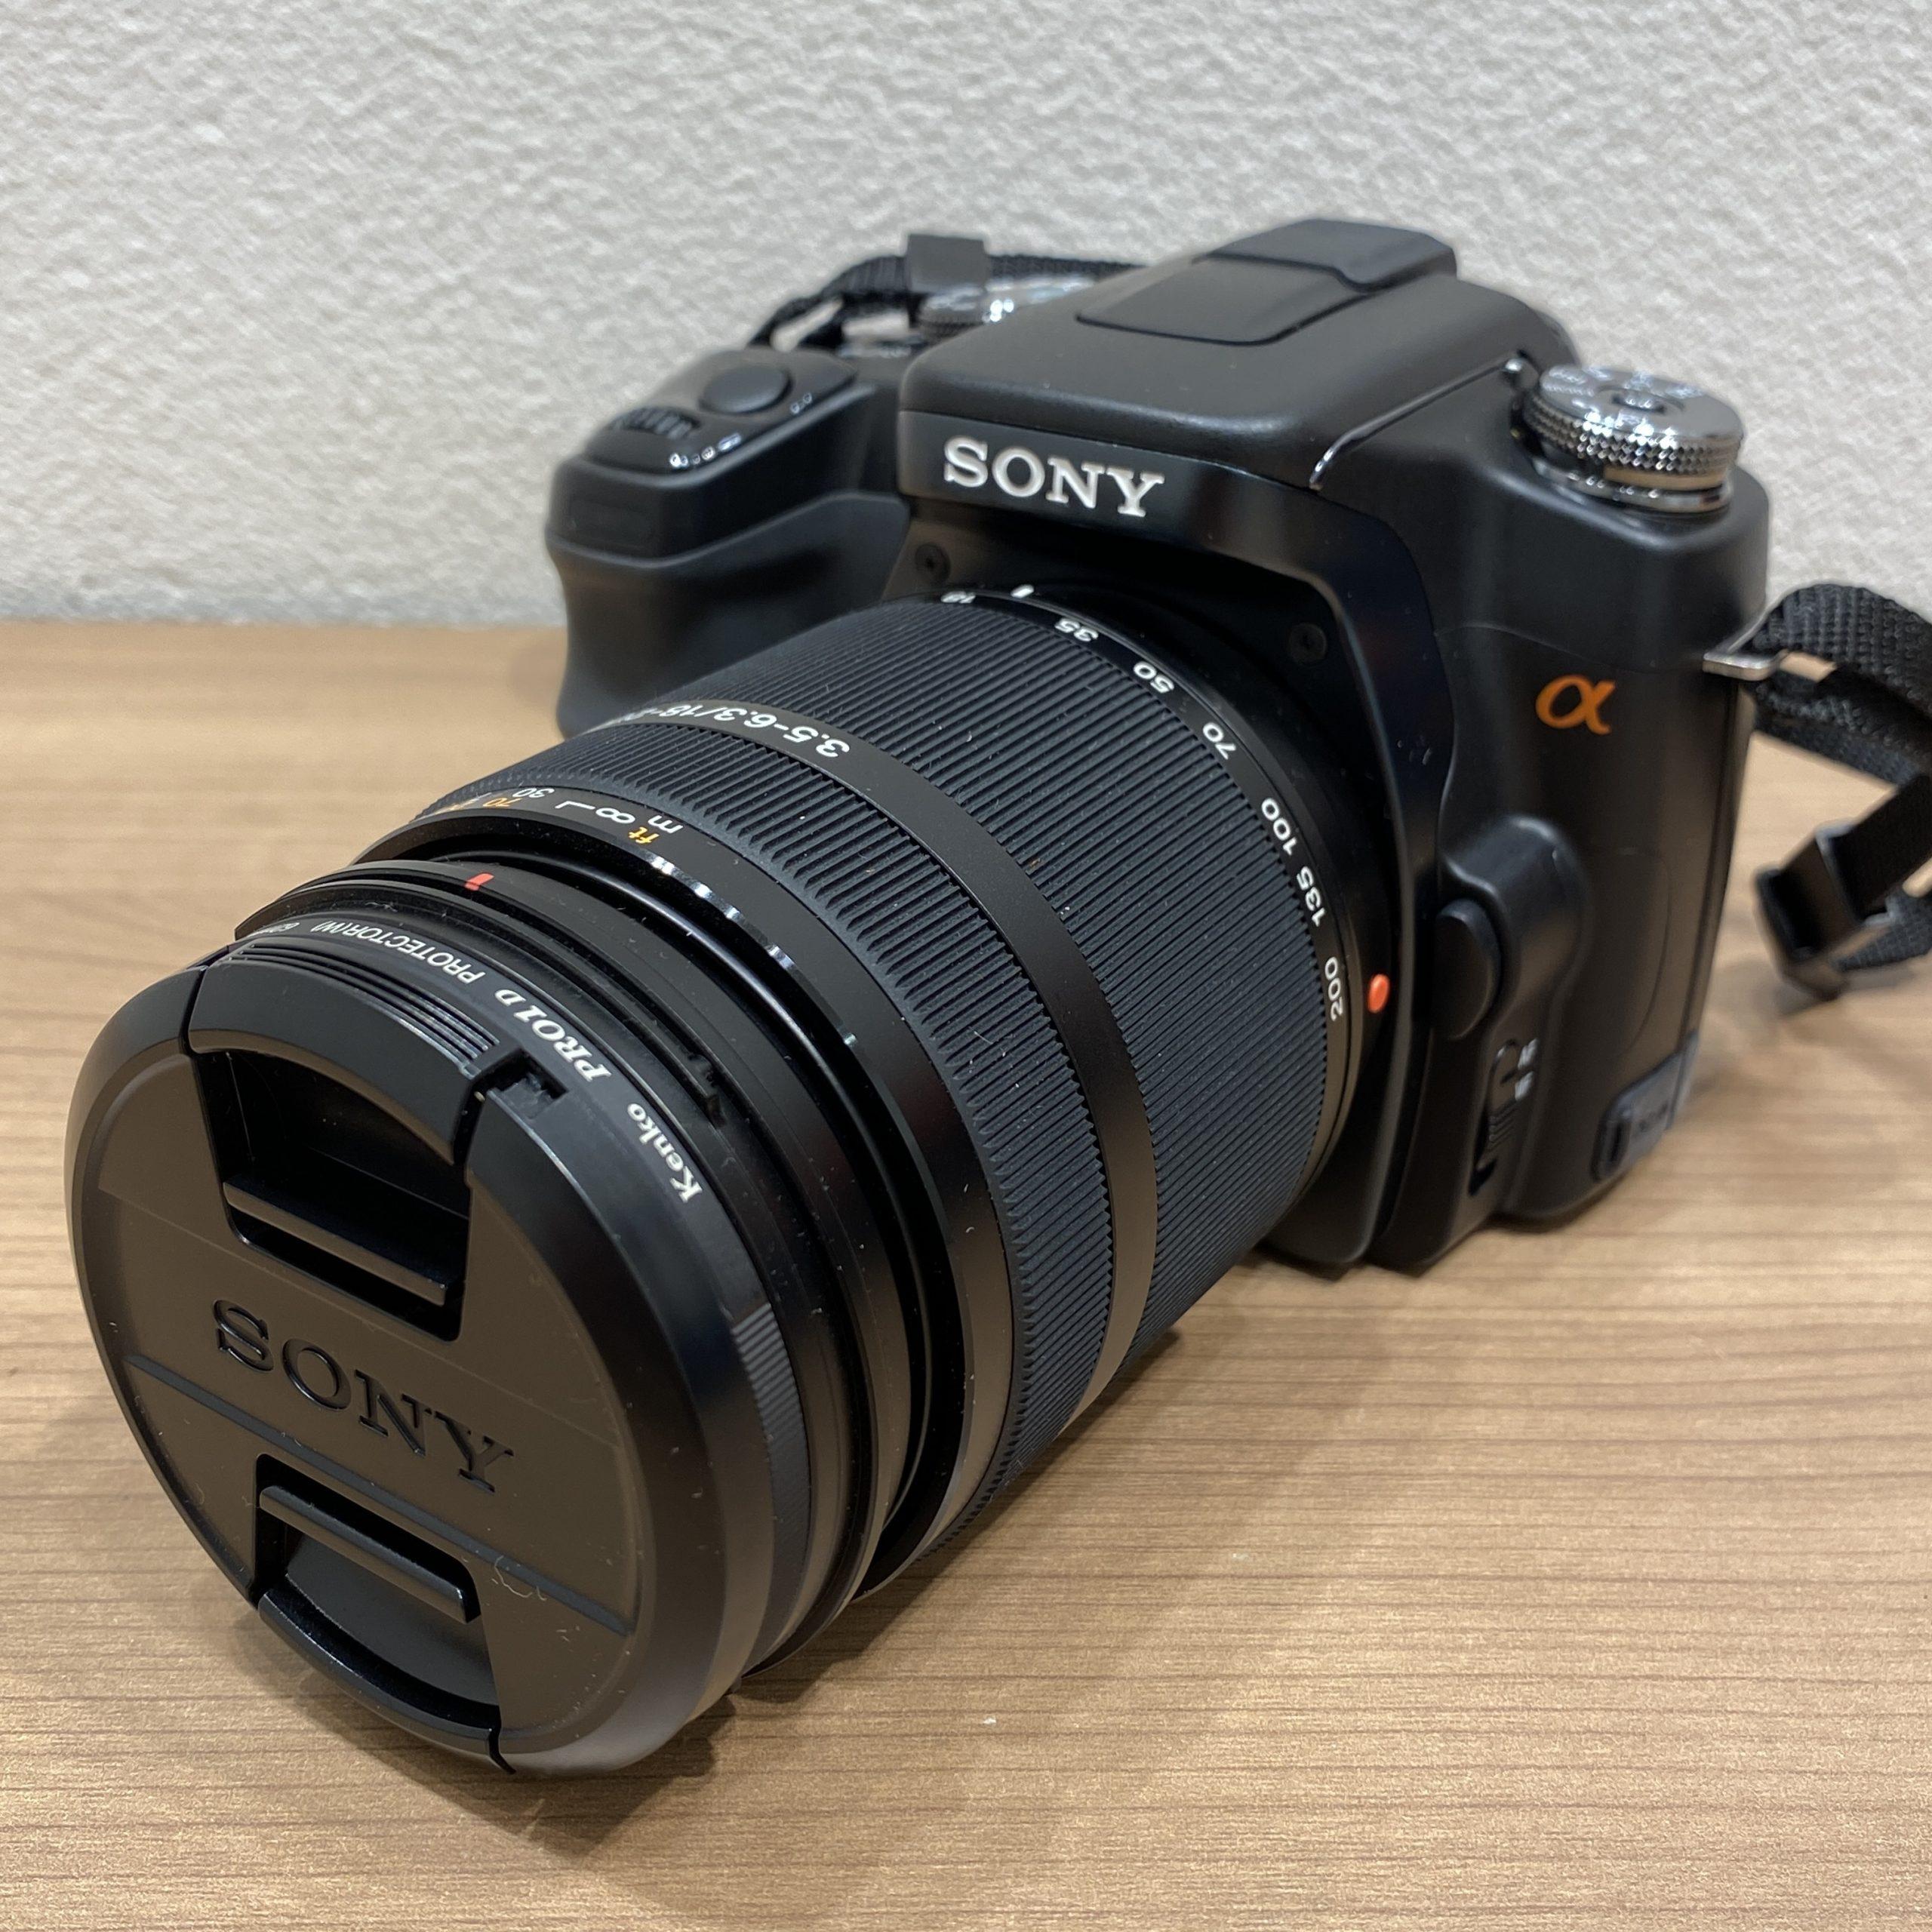 【SONY/ソニー】デジタル一眼レフカメラ a330